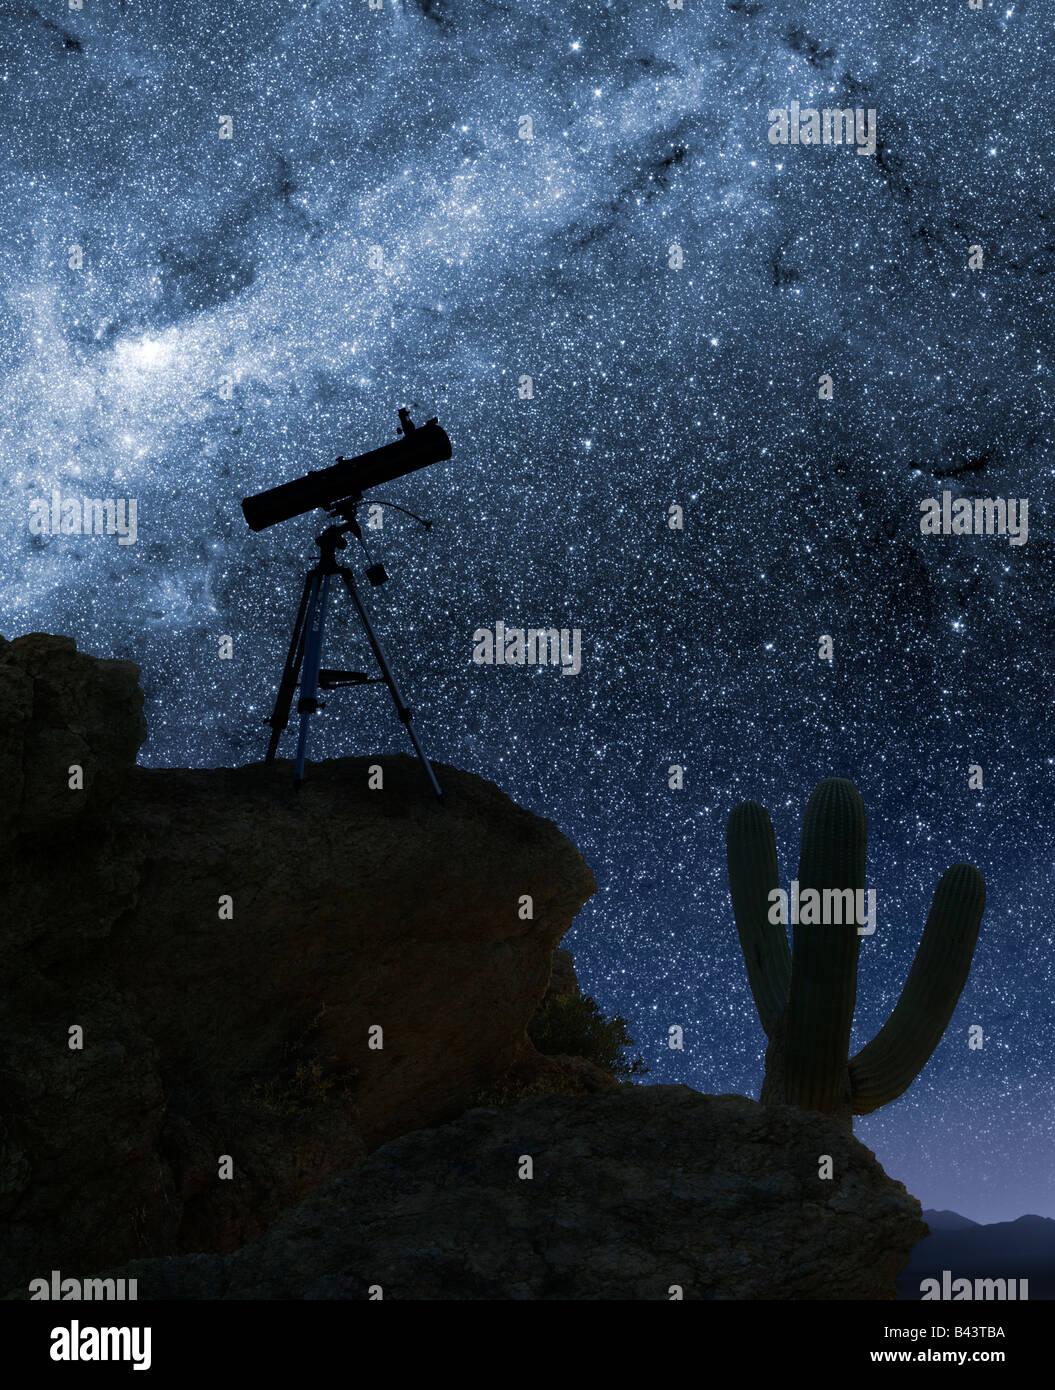 Un telescopio puntato verso le stelle da un deserto località di montagna Immagini Stock